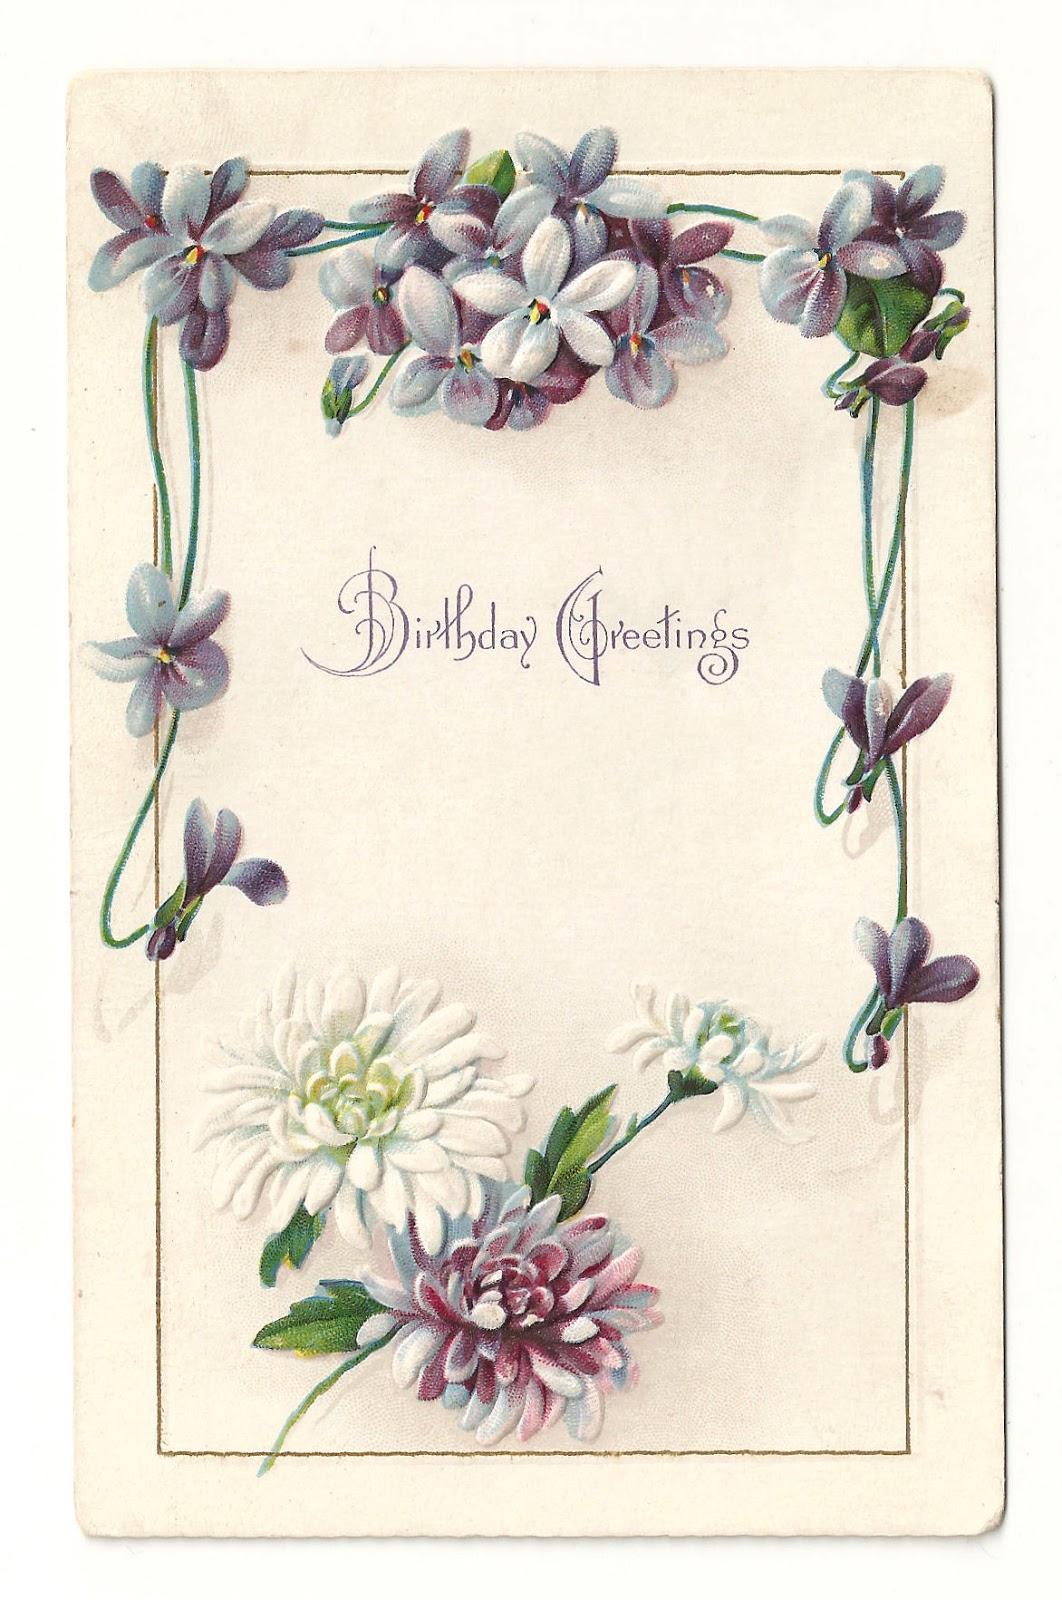 Antique Images: Free Printable Flower Frame: Vintage ...